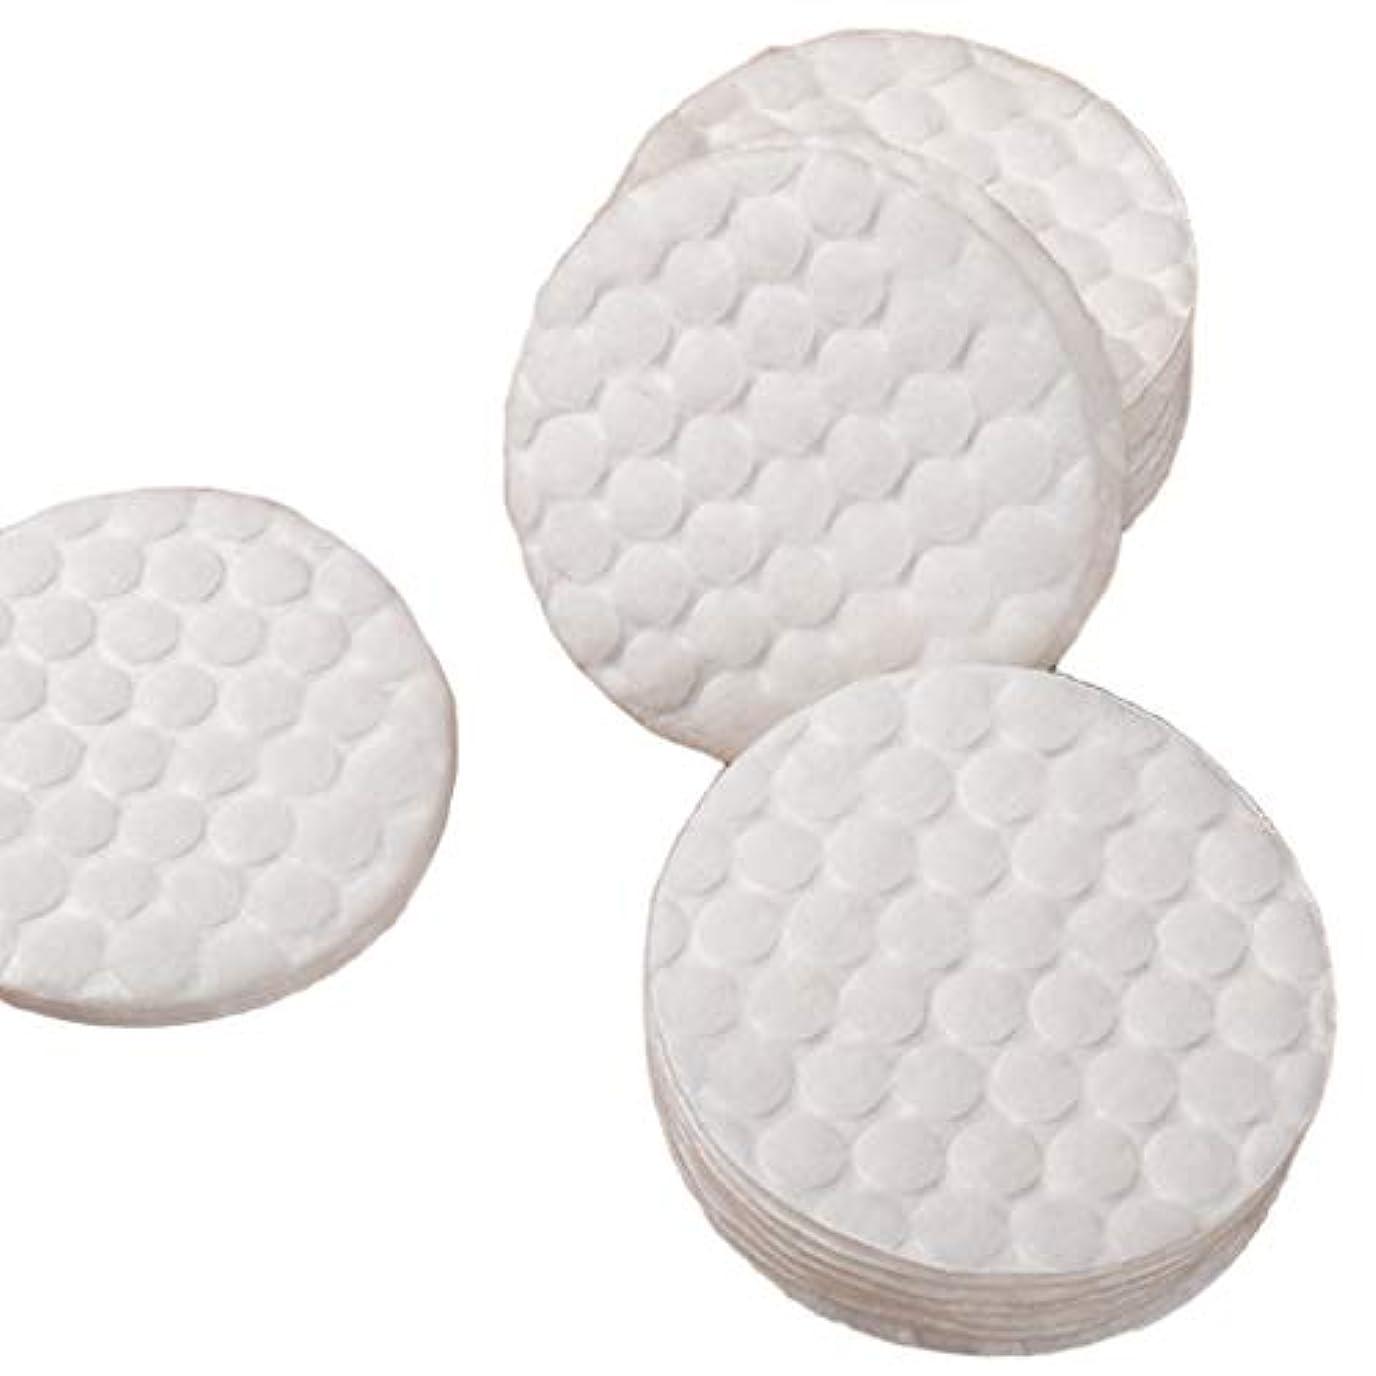 ロッカー理由欠かせないクレンジングシート 60個/バッグメイク落としコットンパッド洗えるワイプクレンジングオイルスキンケアフェイシャルケアメイクアップ化粧品ワイプ (Color : White)